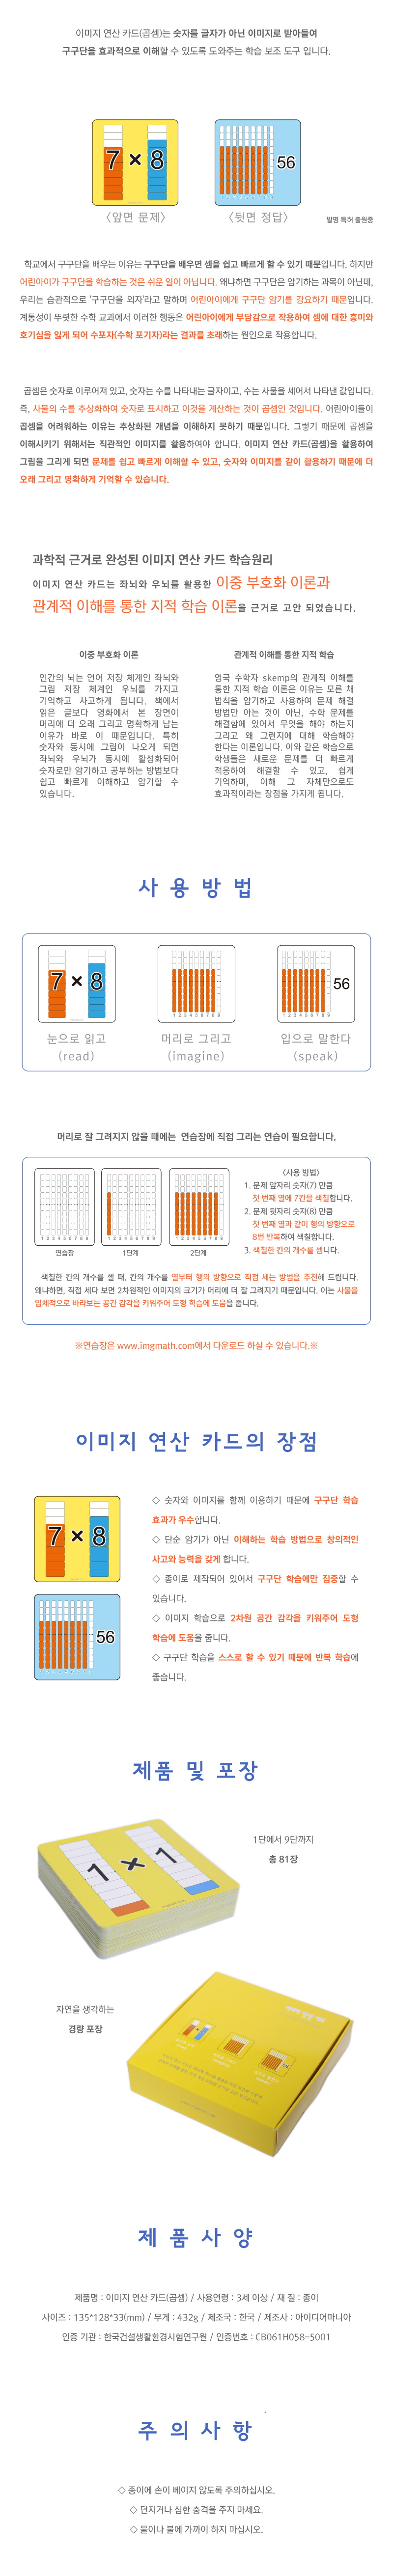 이미지 연산 카드(이미지곱셈) - 이미지수학, 35,000원, 교육완구, 학습교구